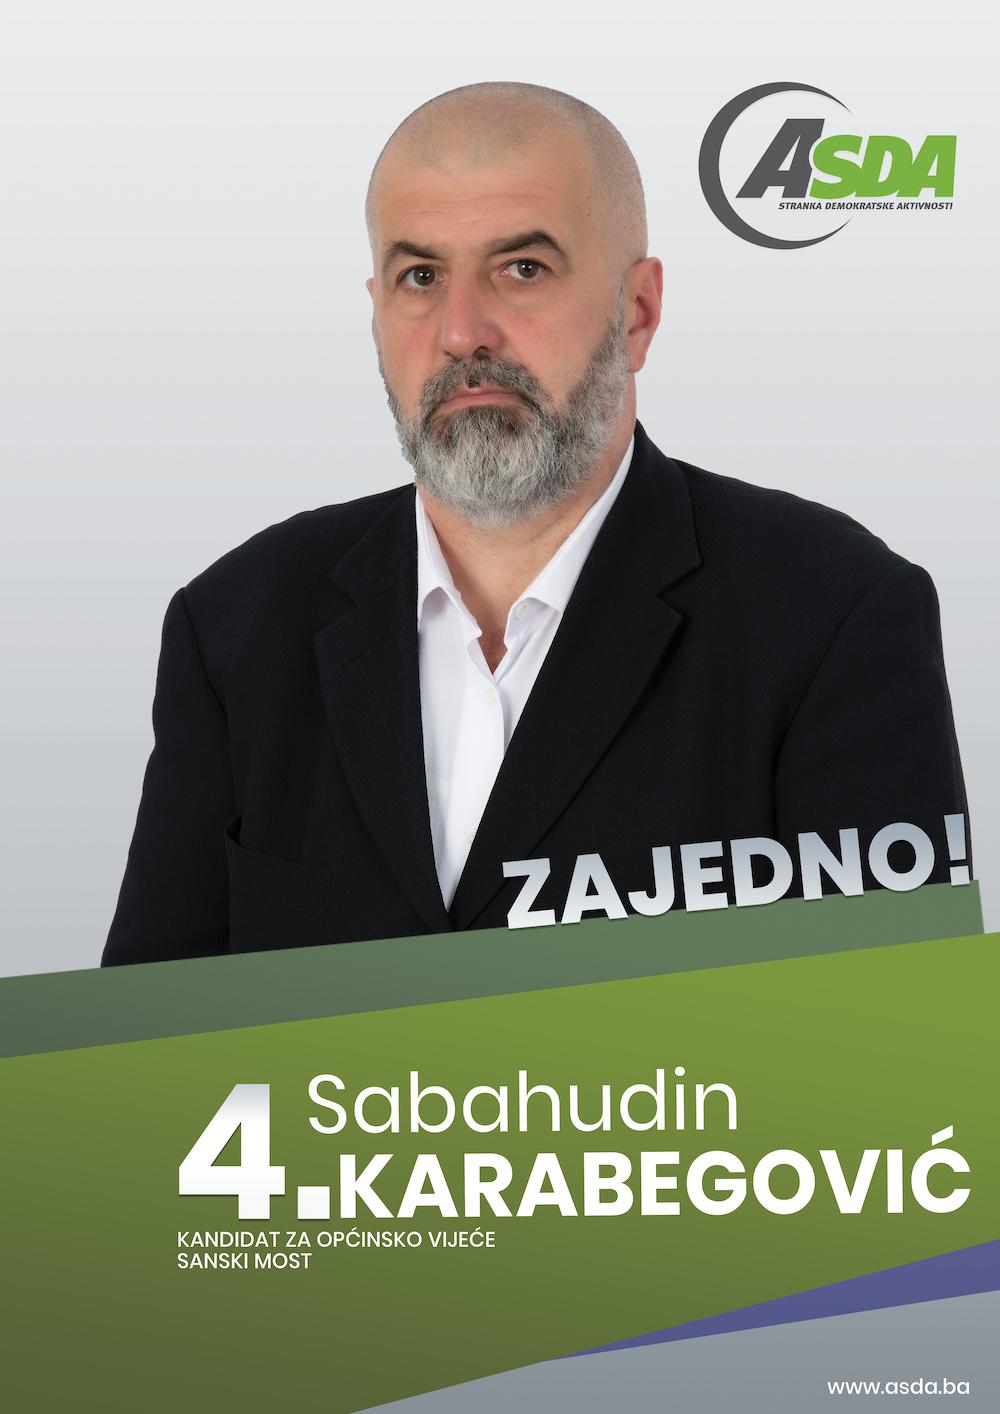 Sabahudin Karabegović